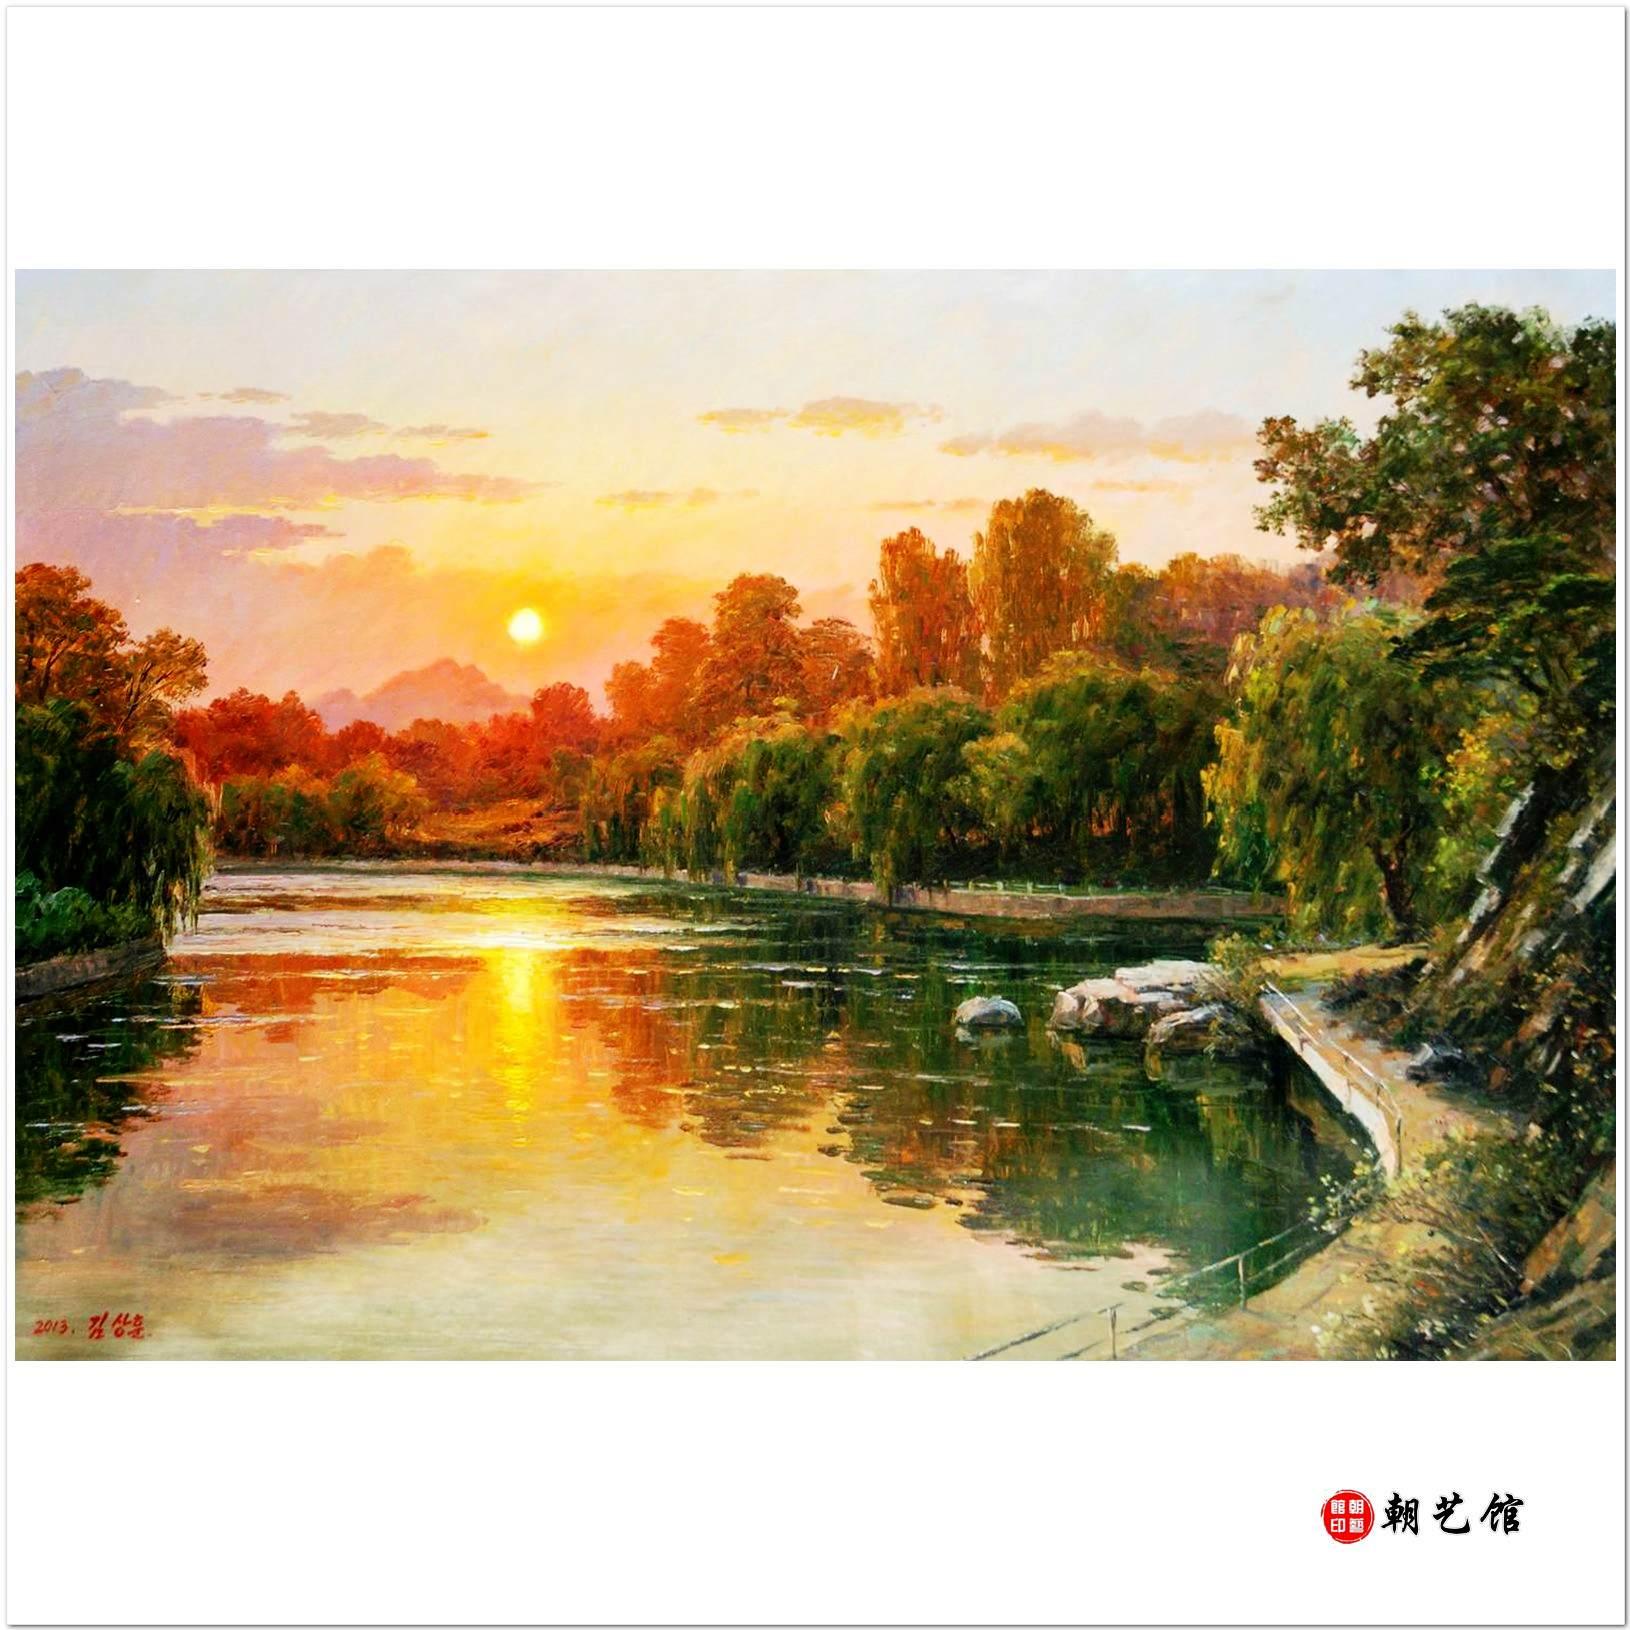 朝鲜画朝艺馆_金相勋《湖畔》朝鲜风景油画【已售9】